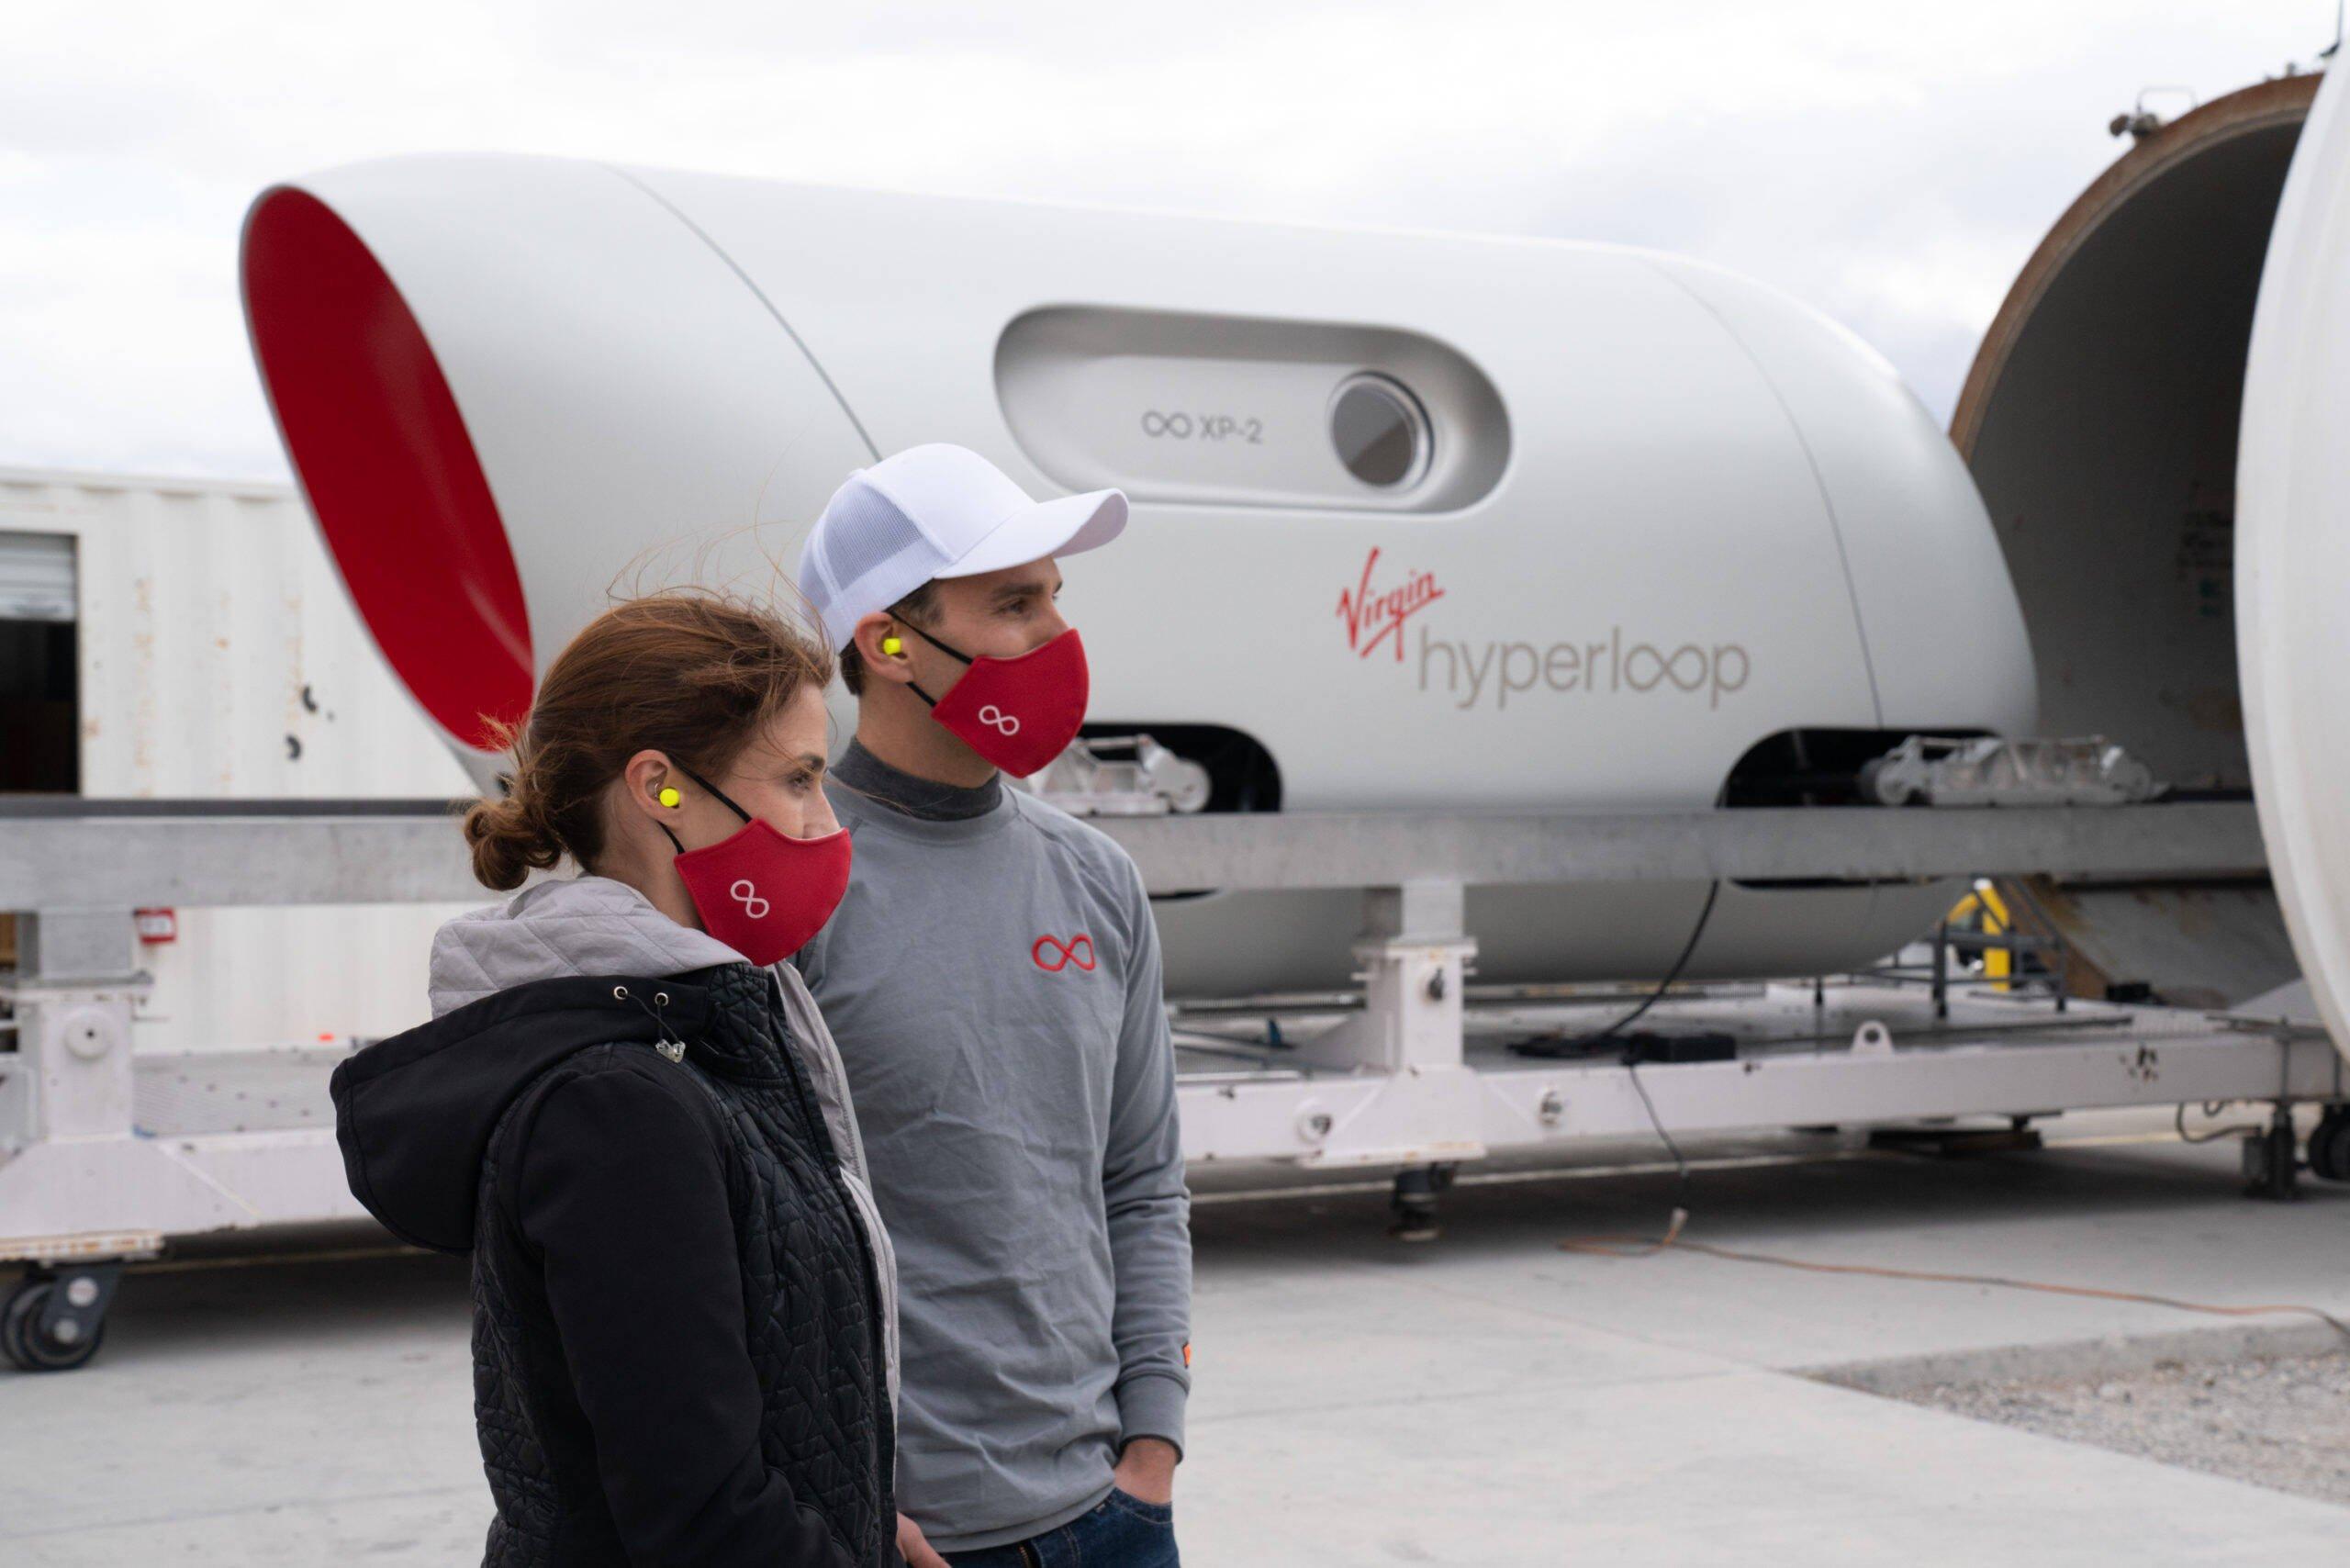 Virgin Hyperloop completa primeiro teste com passageiros